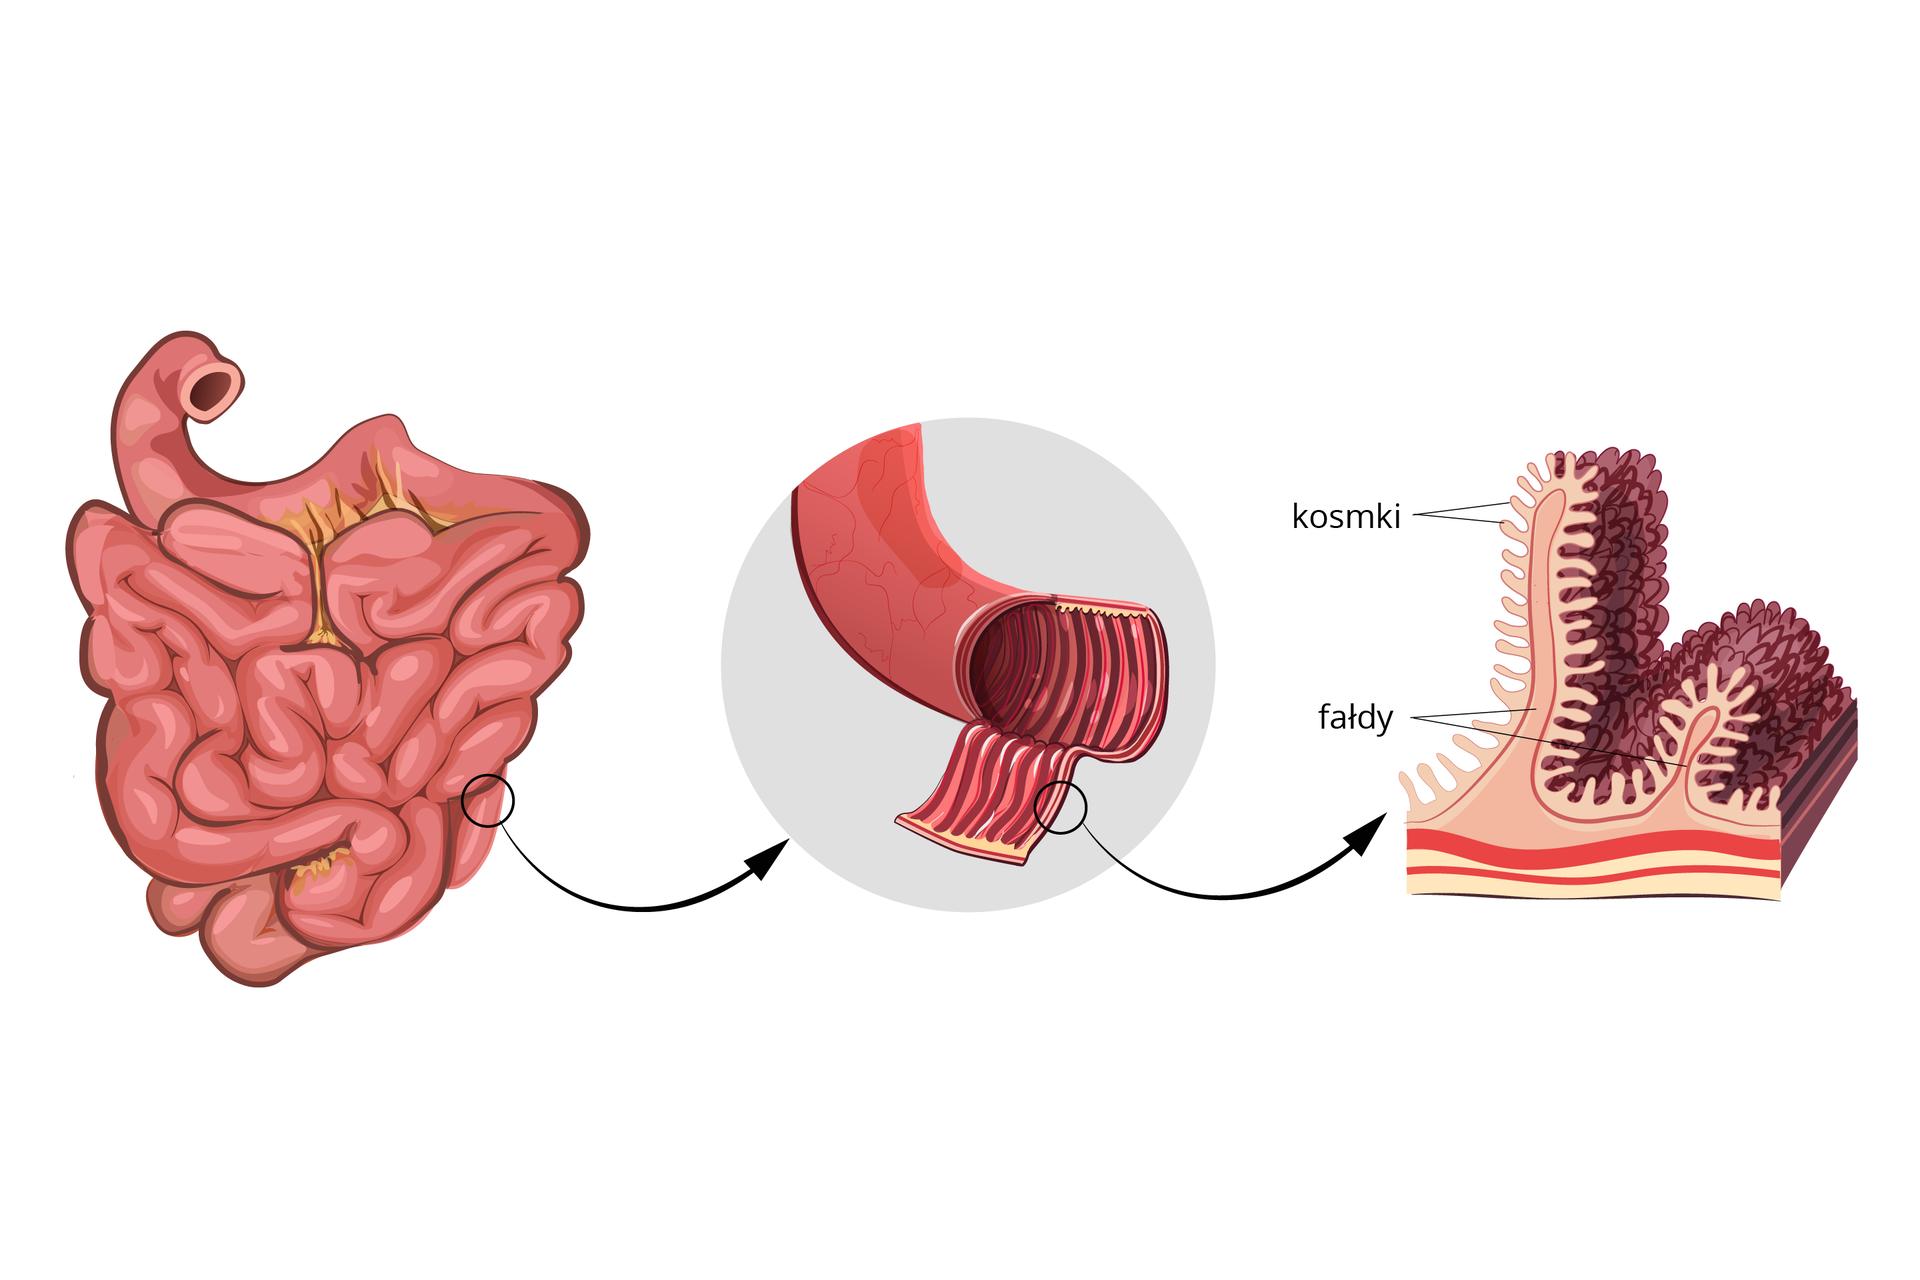 Ilustracja przedstawia zlewej różowe, rurkowate jelito cienkie. Strzałka prowadzi do powiększenia fragmentu jelita, wktórym ukazano fałdy. Rysunek zprawej to powiększenie mikroskopowe błony jelita cienkiego. Na różowych fałdach znajdują się gęsto ułożone wypustki – kosmki (ciemnofioletowe). Uich podstawy wrysowano czerwone naczynia krwionośne.